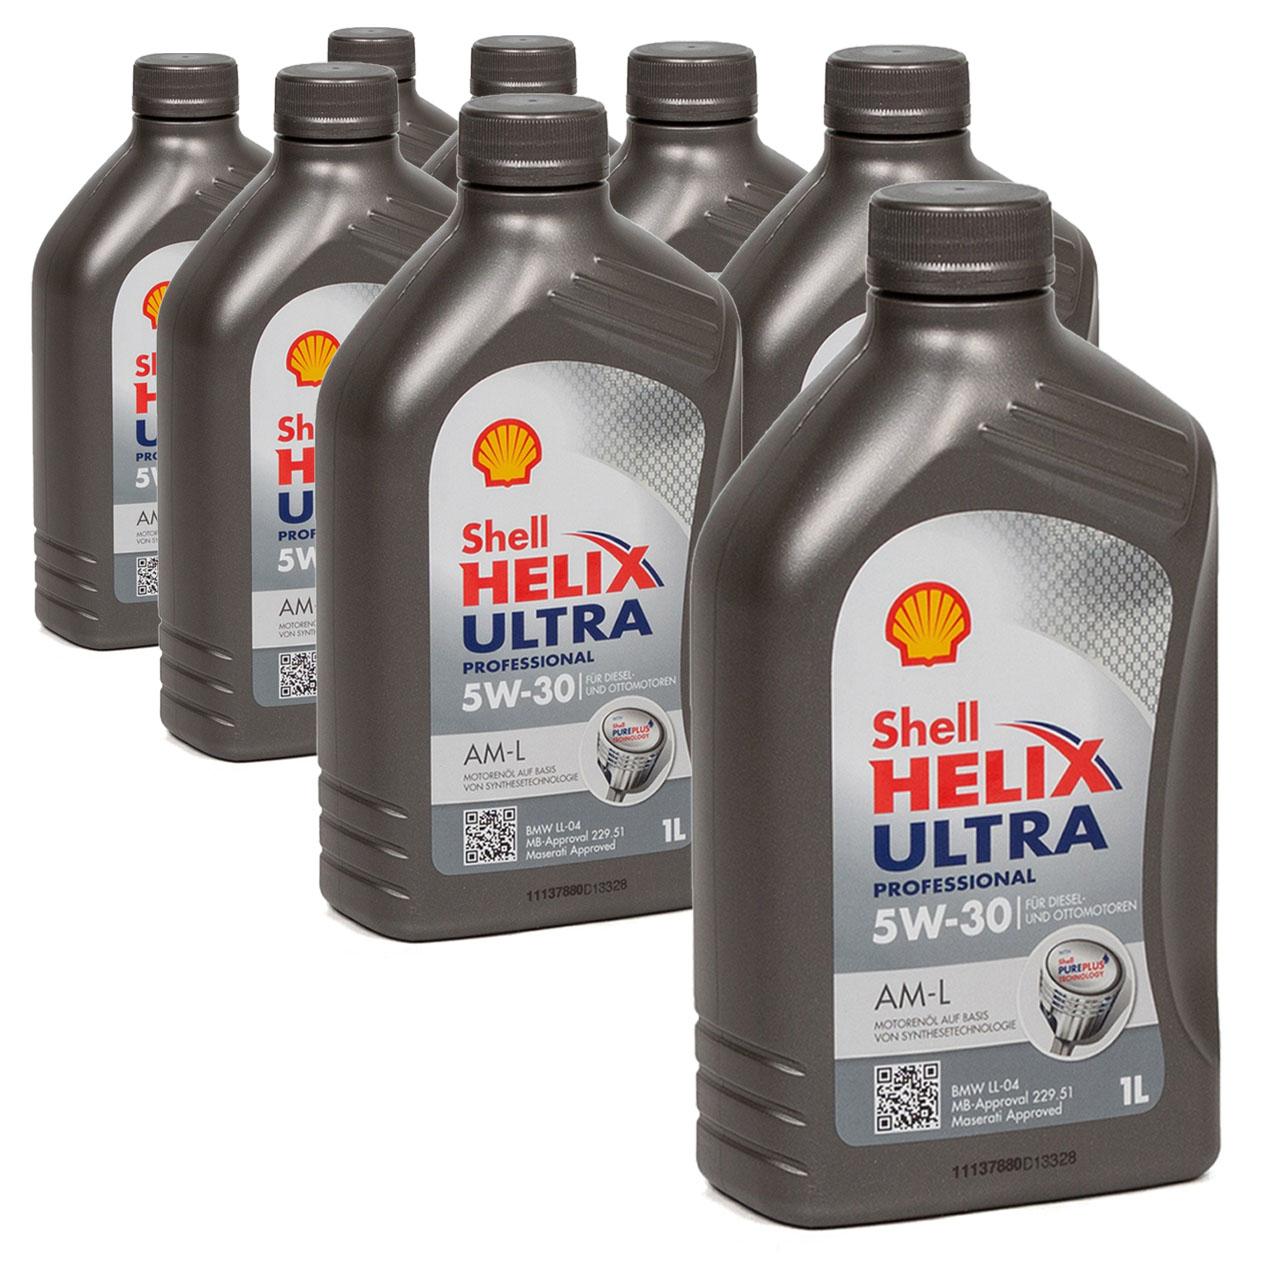 SHELL Motoröl Öl HELIX ULTRA Professional AM-L 5W30 für BMW LL-04 - 8L 8 Liter